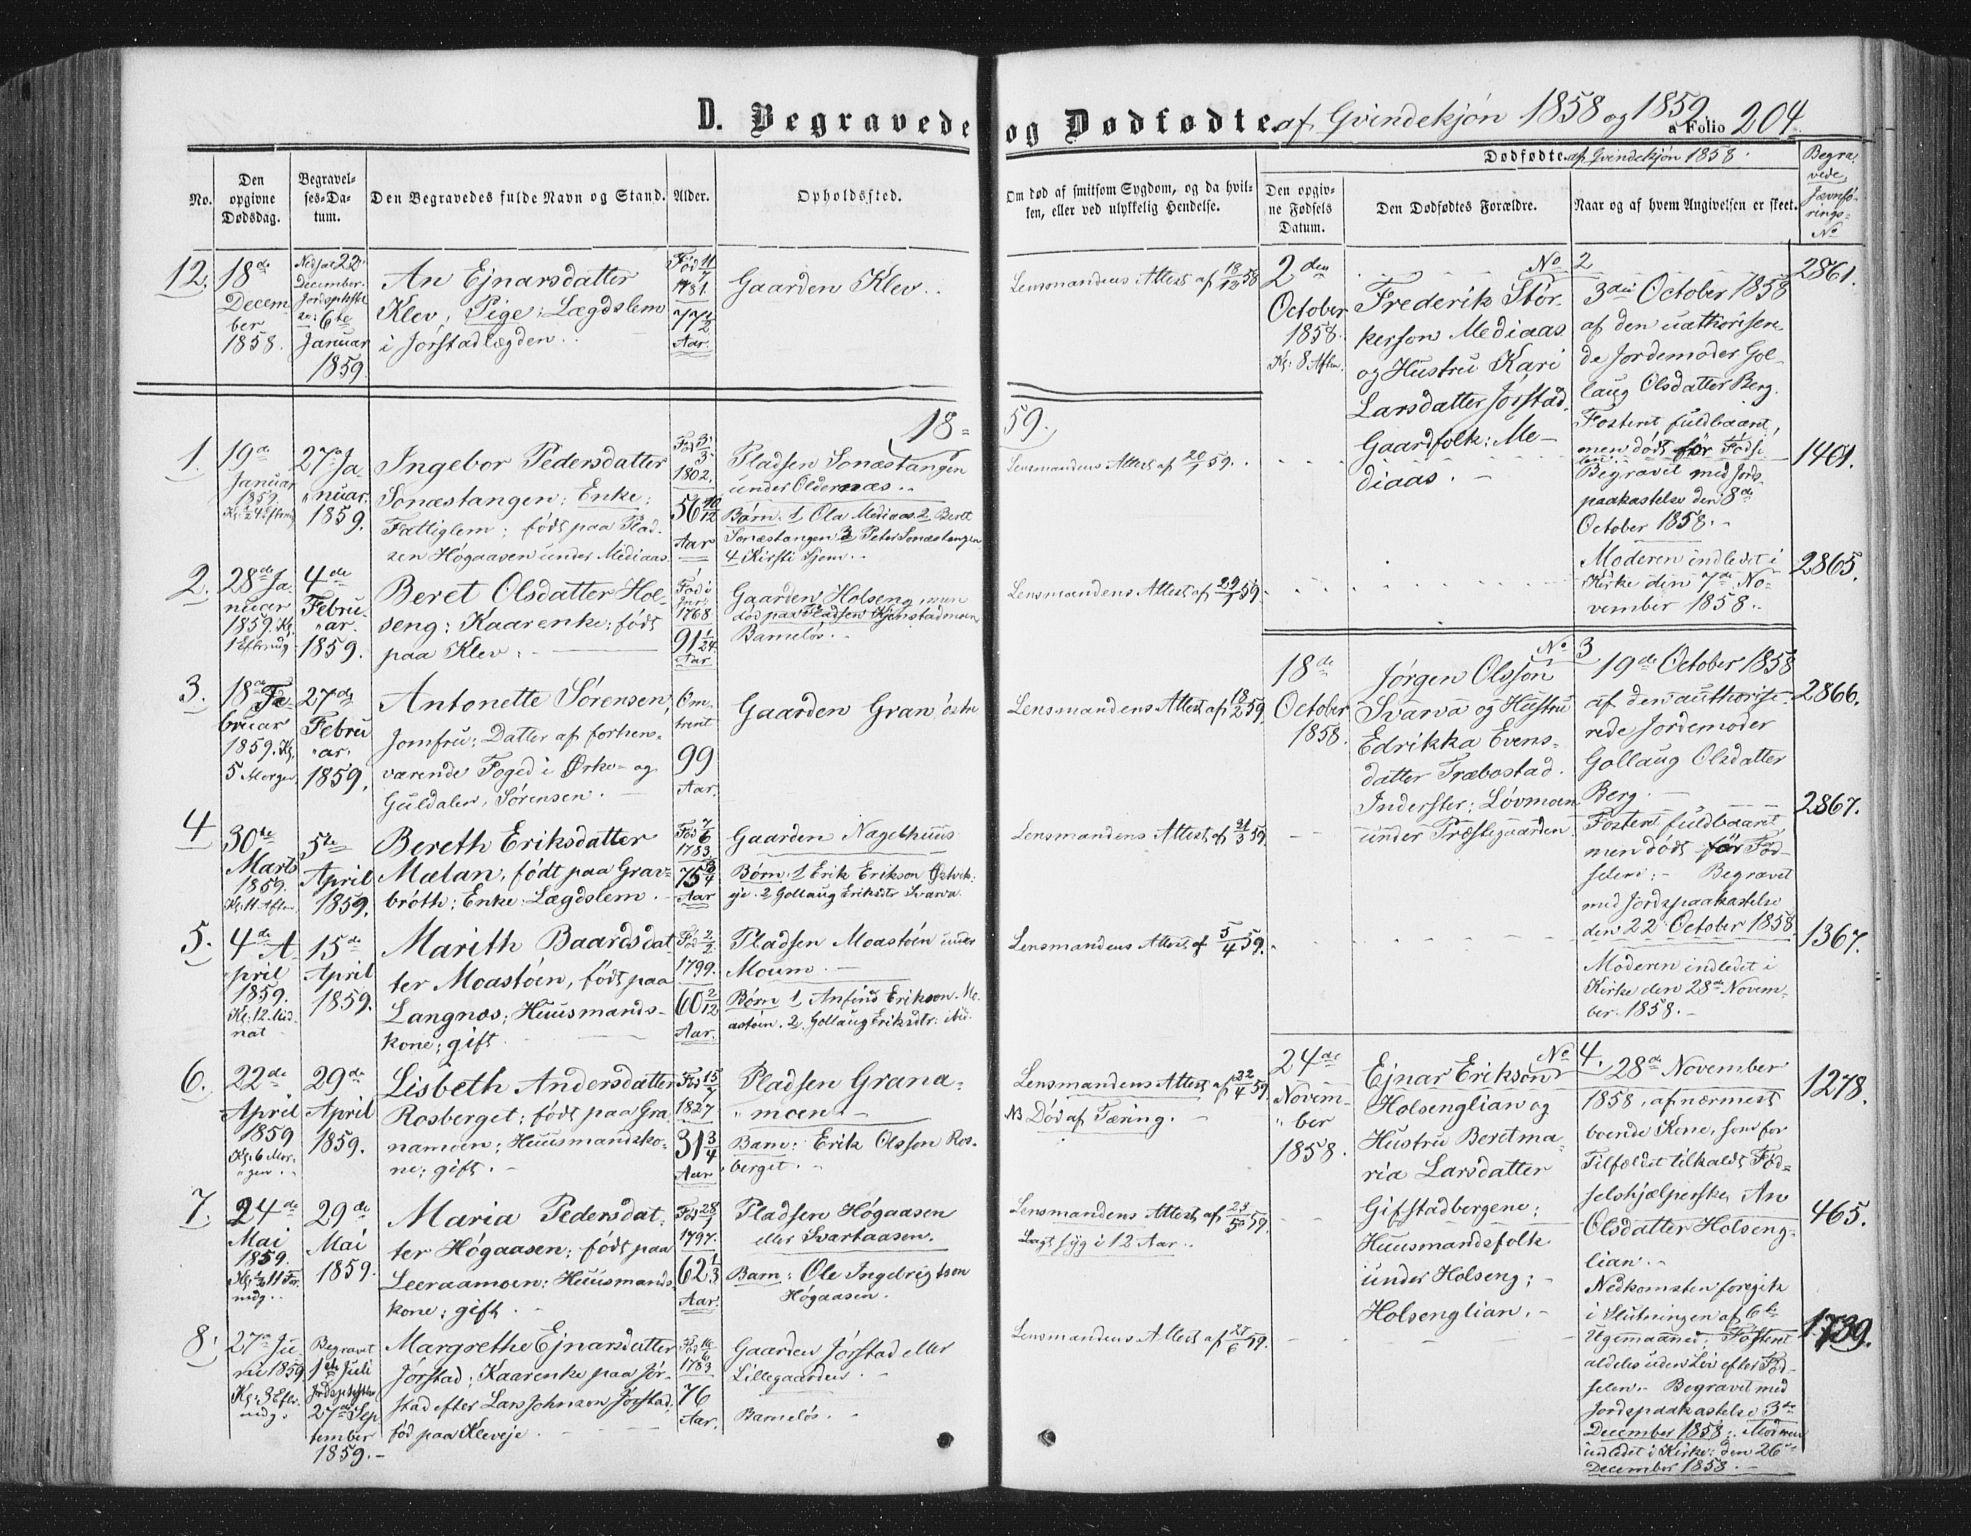 SAT, Ministerialprotokoller, klokkerbøker og fødselsregistre - Nord-Trøndelag, 749/L0472: Ministerialbok nr. 749A06, 1857-1873, s. 204